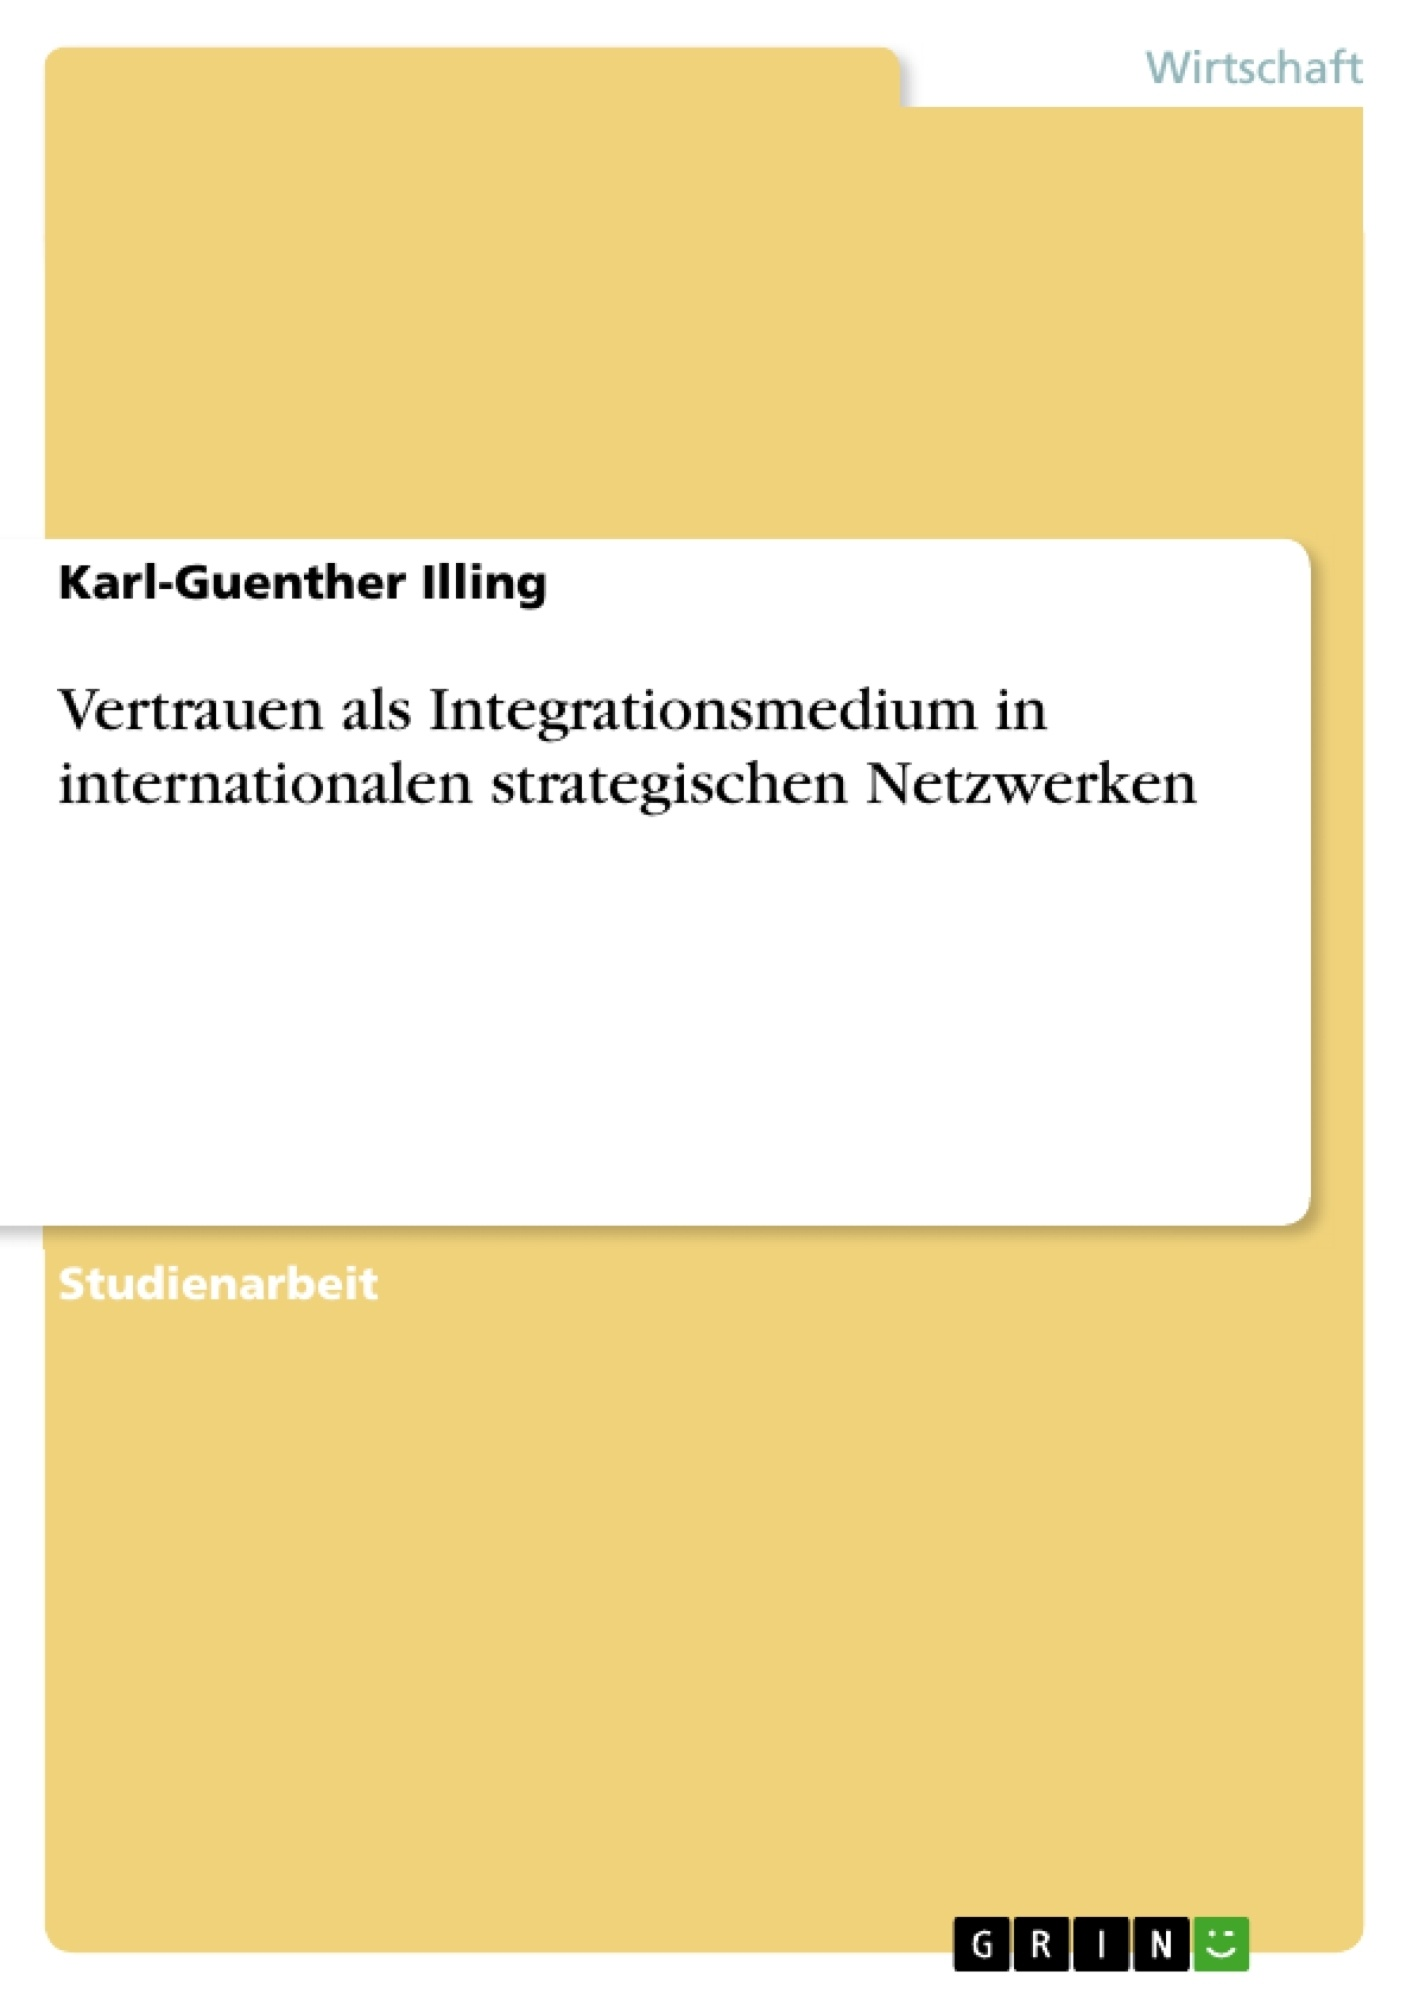 Titel: Vertrauen als Integrationsmedium in internationalen strategischen Netzwerken